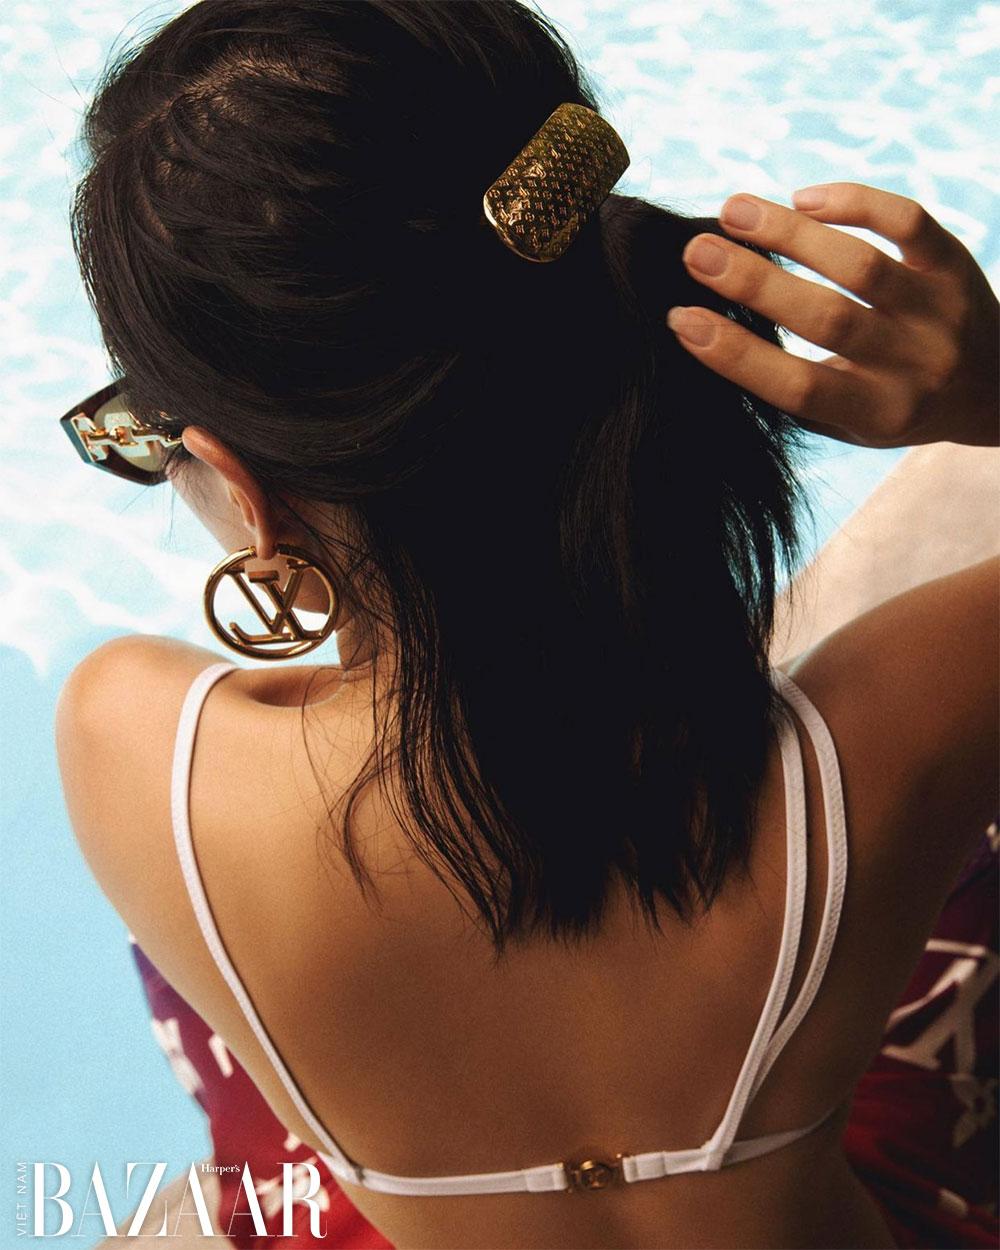 Châu Bùi, Jun Vũ, Quỳnh Anh Shyn tiết lộ 6 phụ kiện, trang sức, mắt kính logomania hot nhất từ Louis Vuitton cho mùa hè 2021